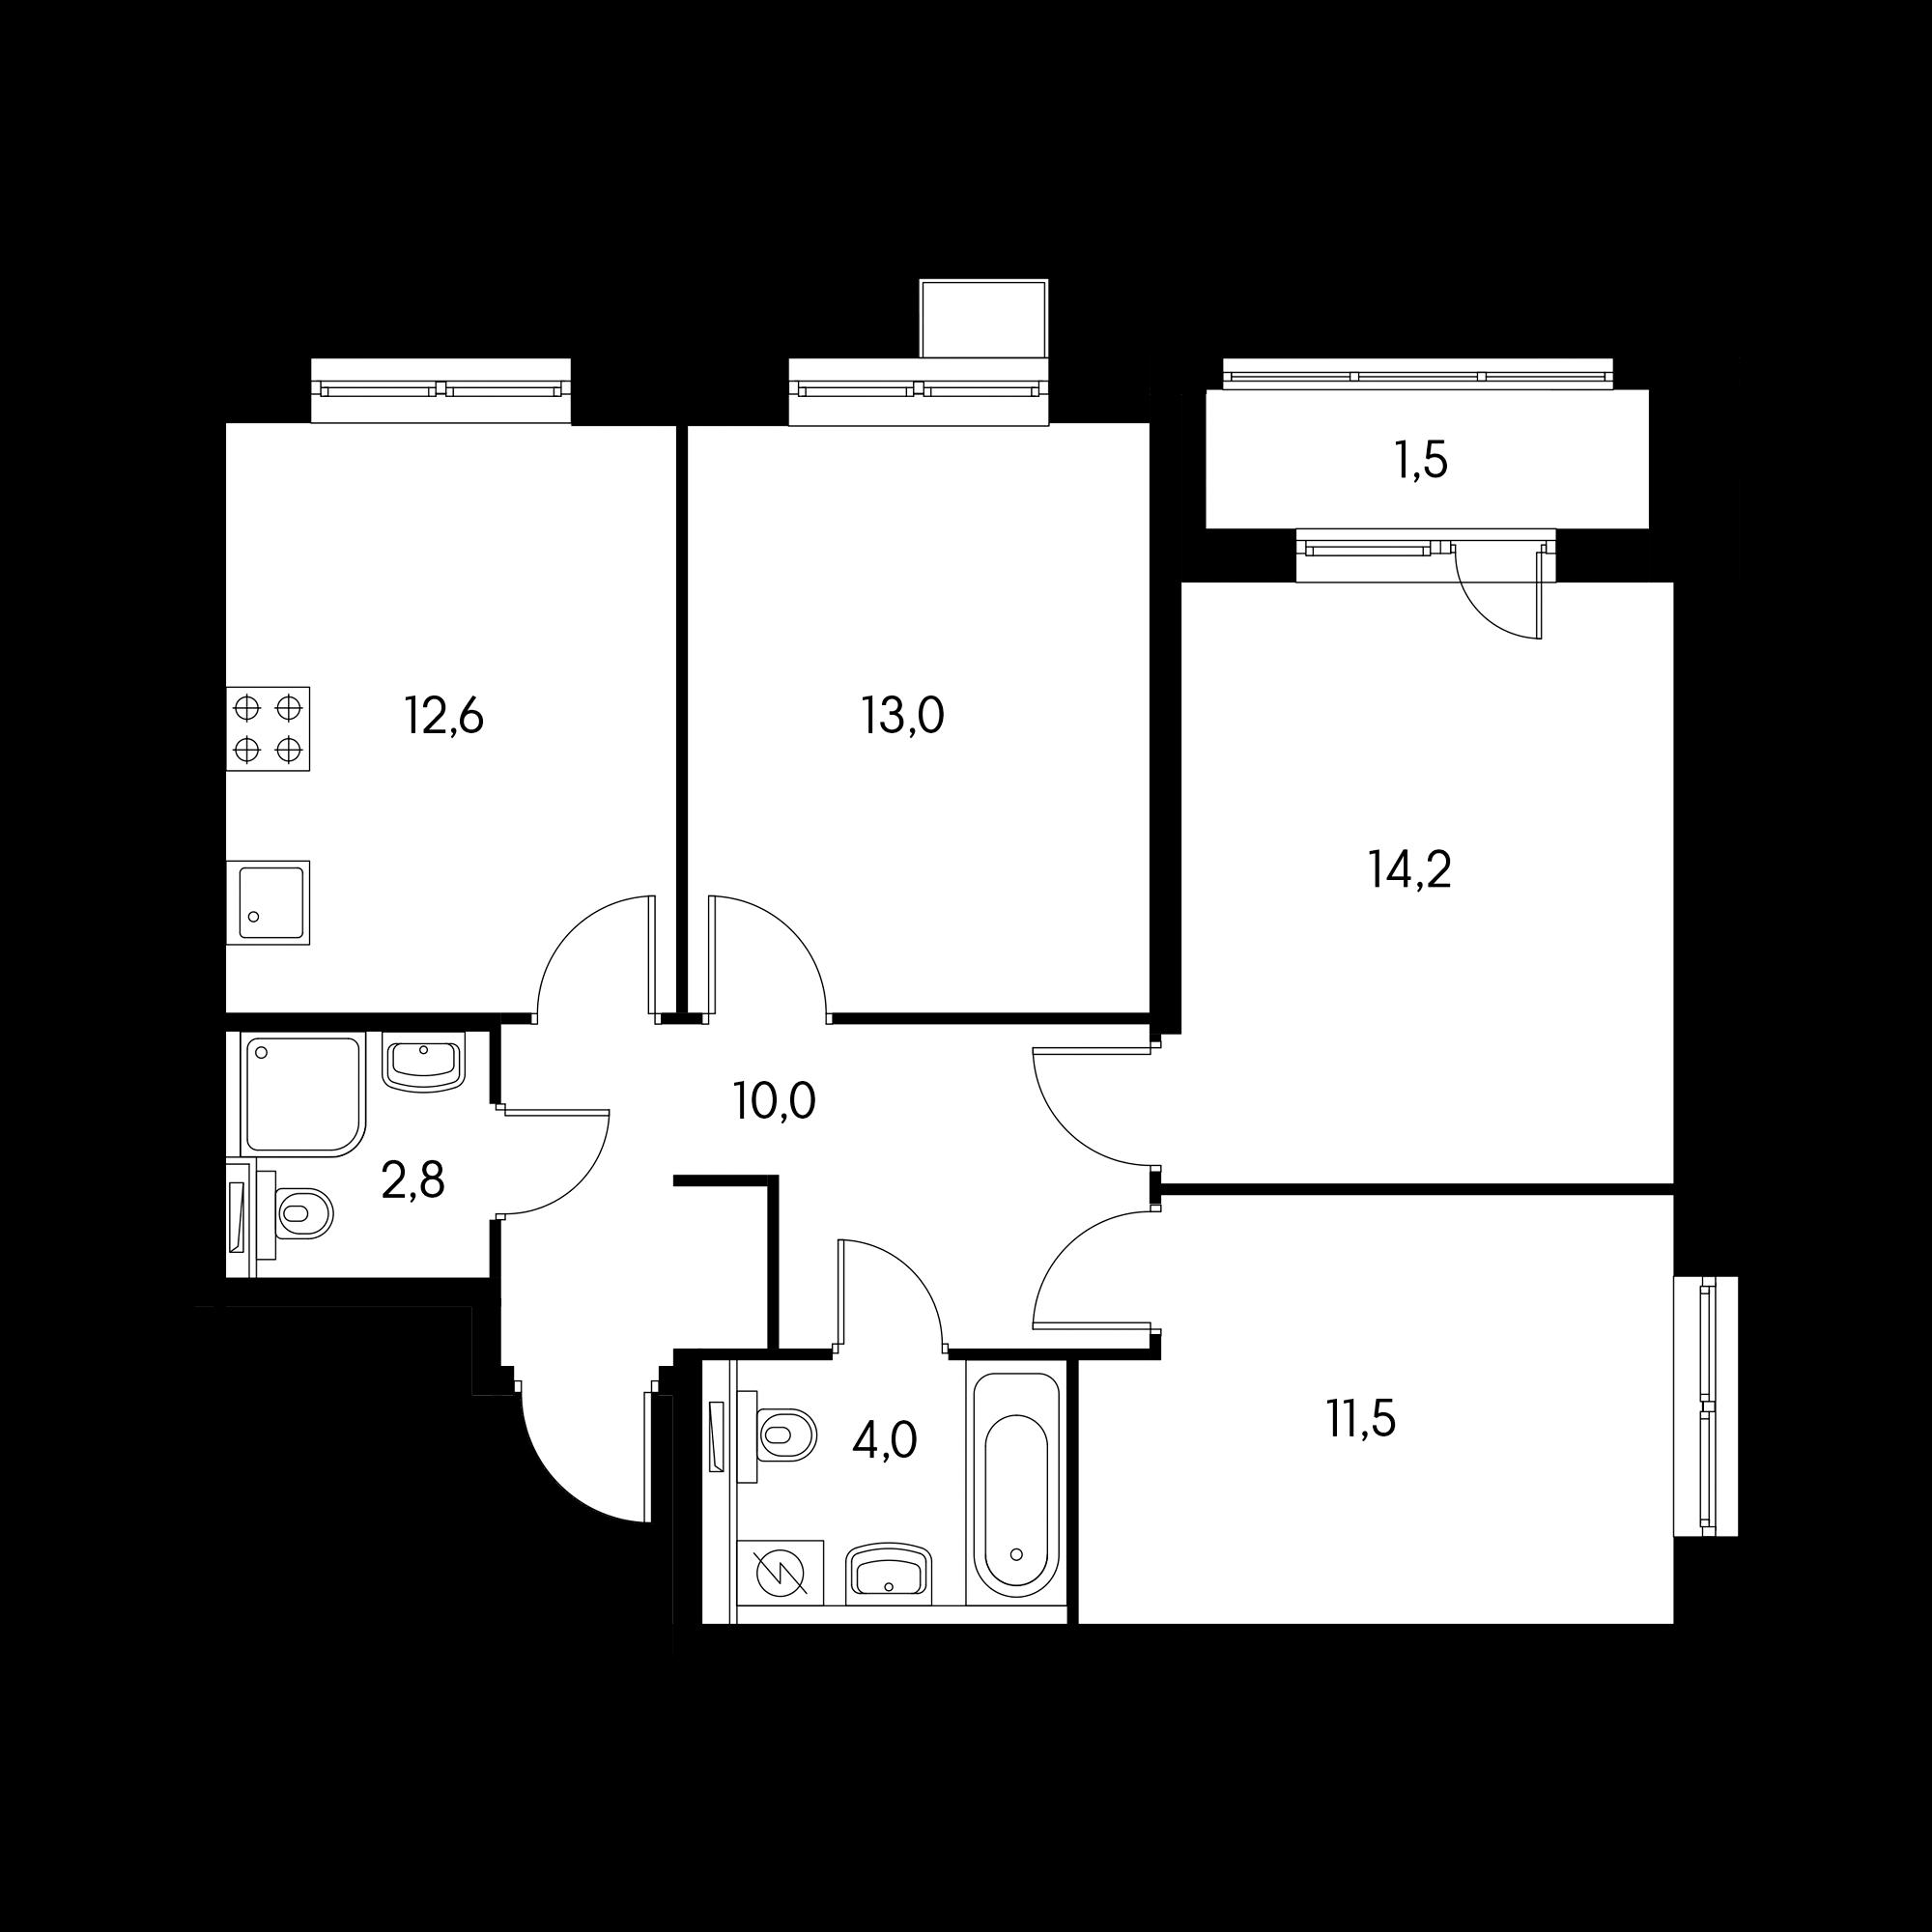 3KM1(L)